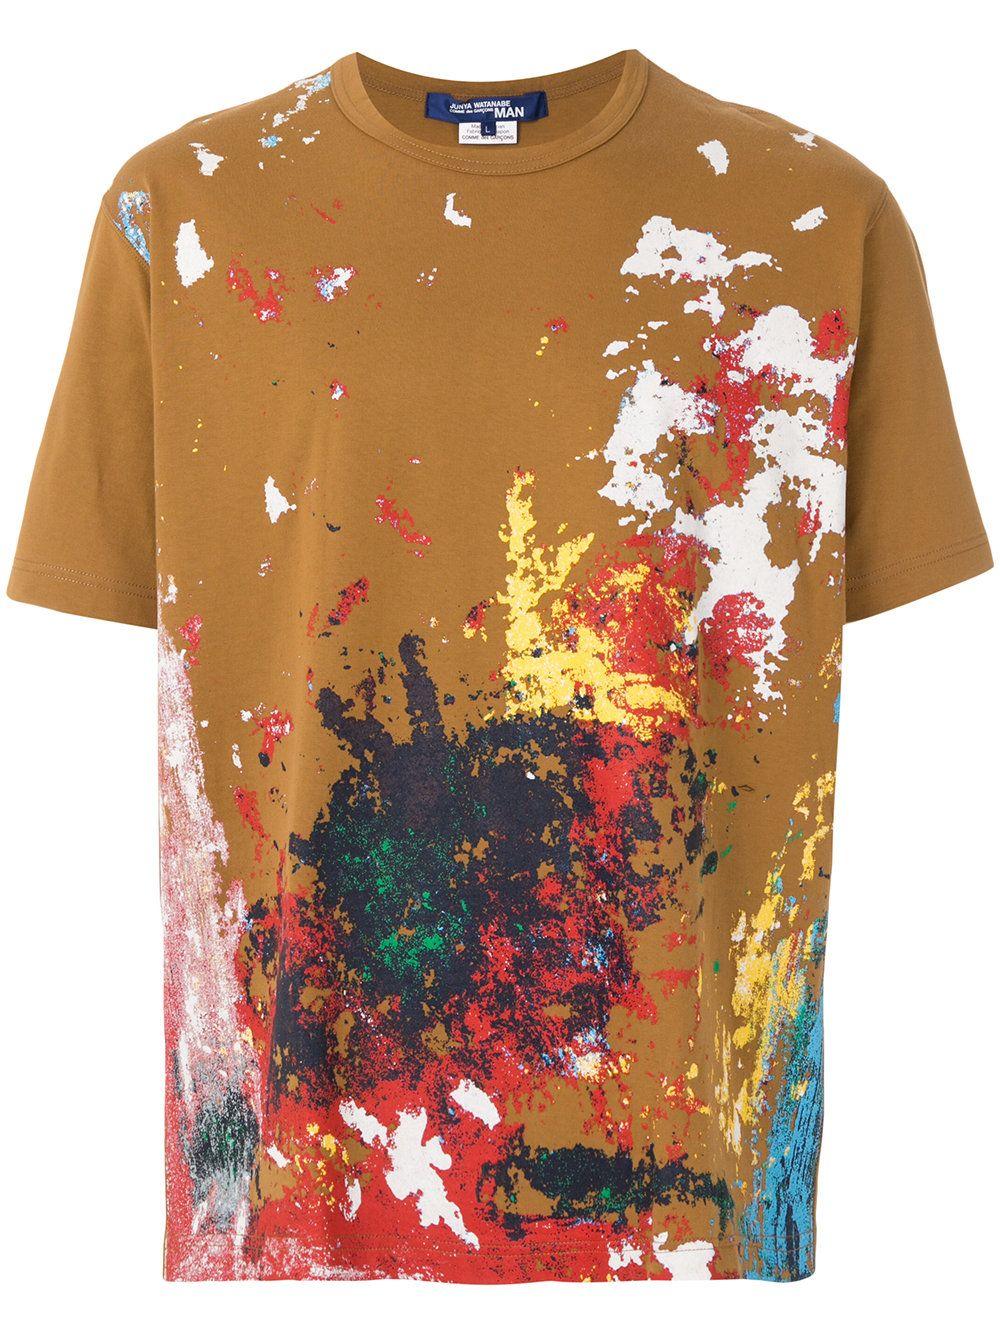 8fbc685e818e Junya Watanabe MAN Paint splash T-shirt